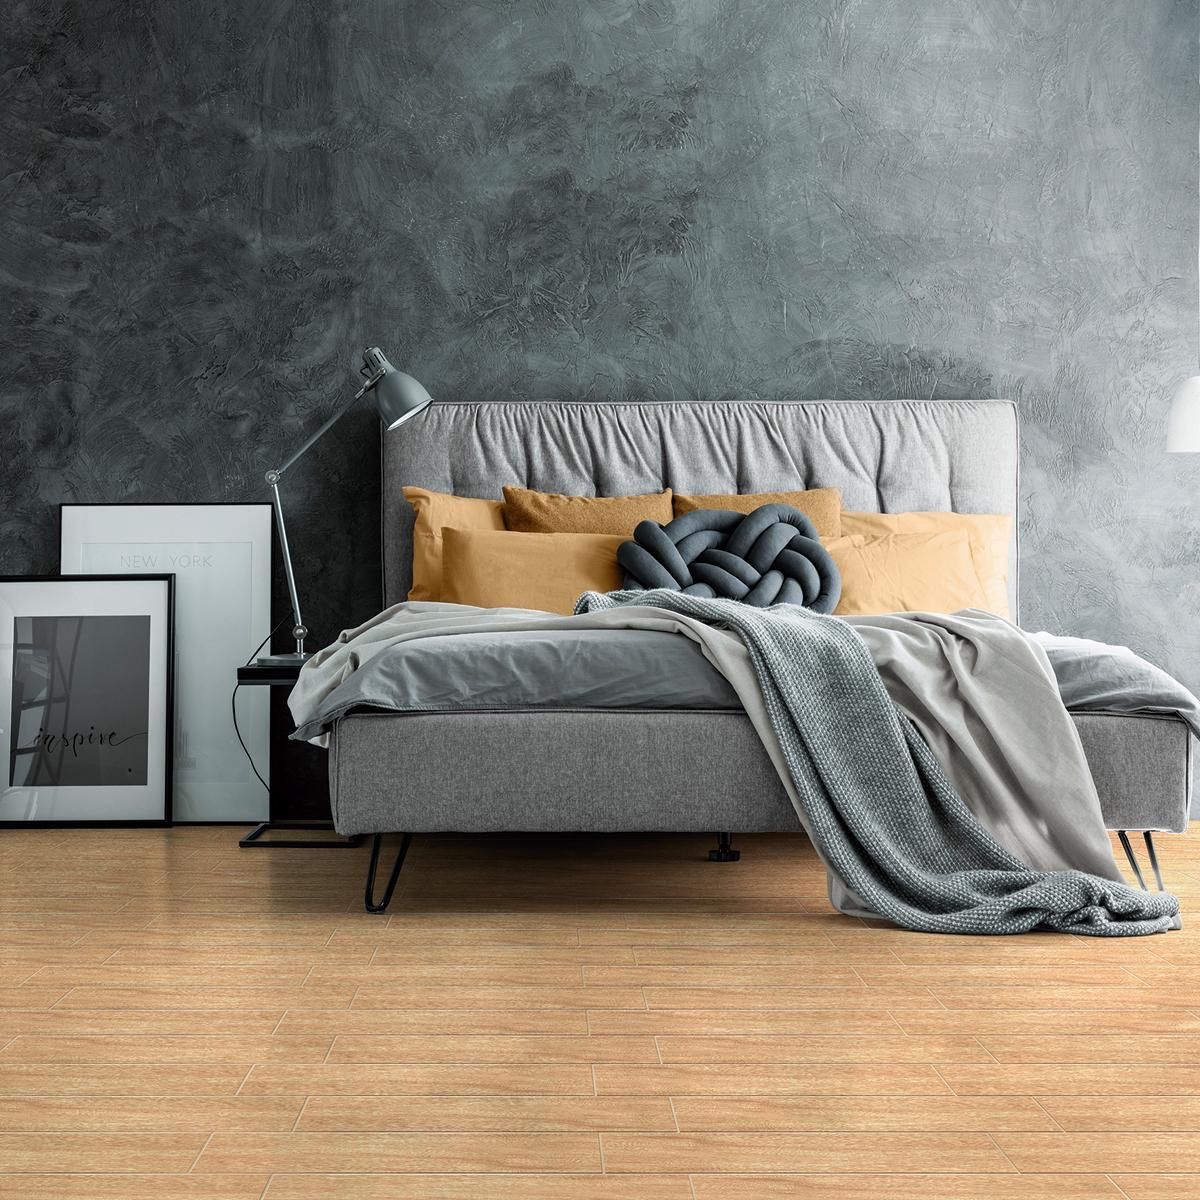 Piso Fresno Perla Mate - 20X60 cm - 1.44 m2